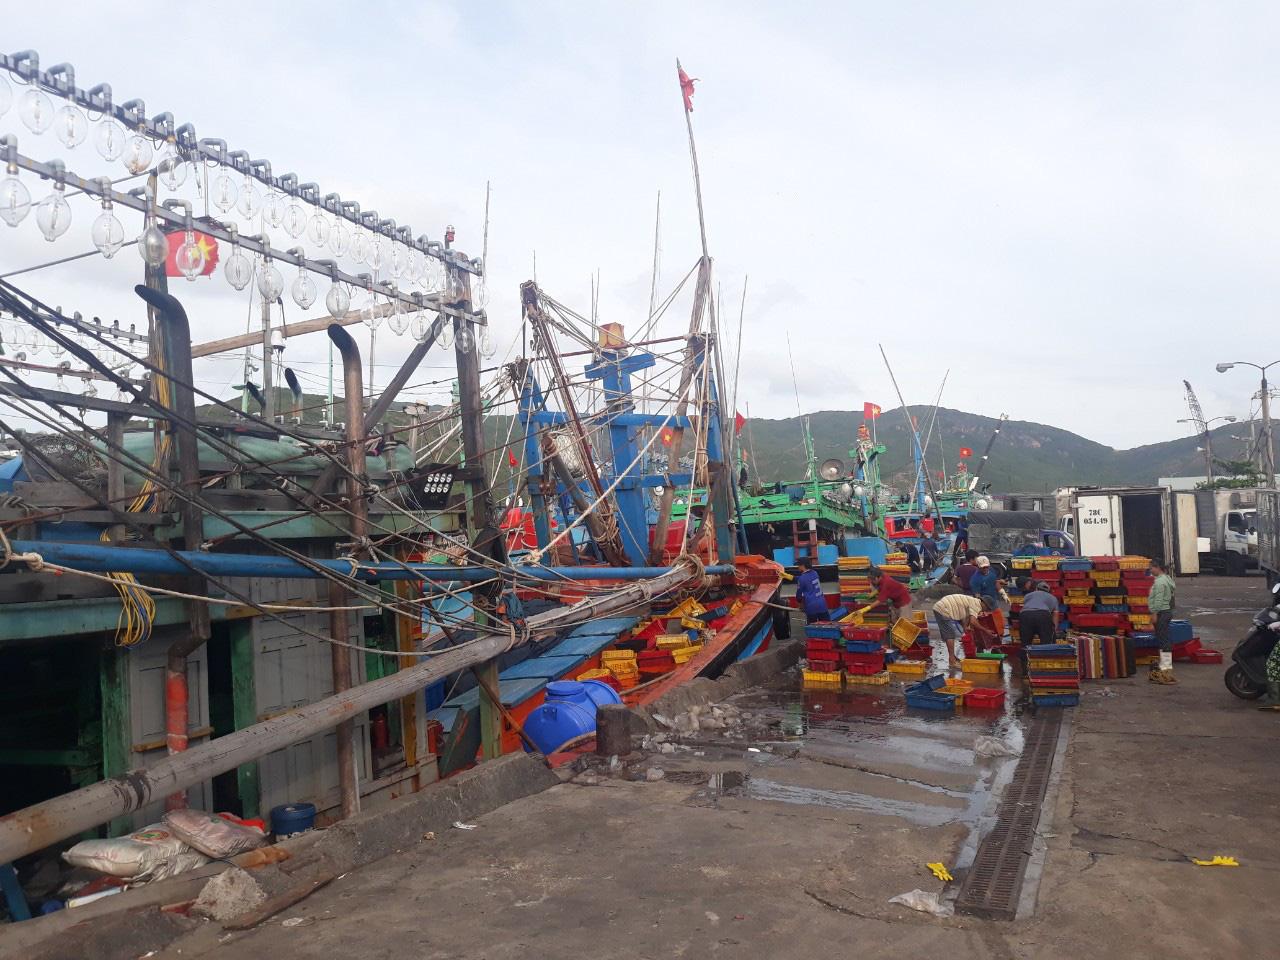 Bão số 9: Bình Định cấm biển, 190 tàu đang di chuyển khỏi vùng nguy hiểm - Ảnh 3.